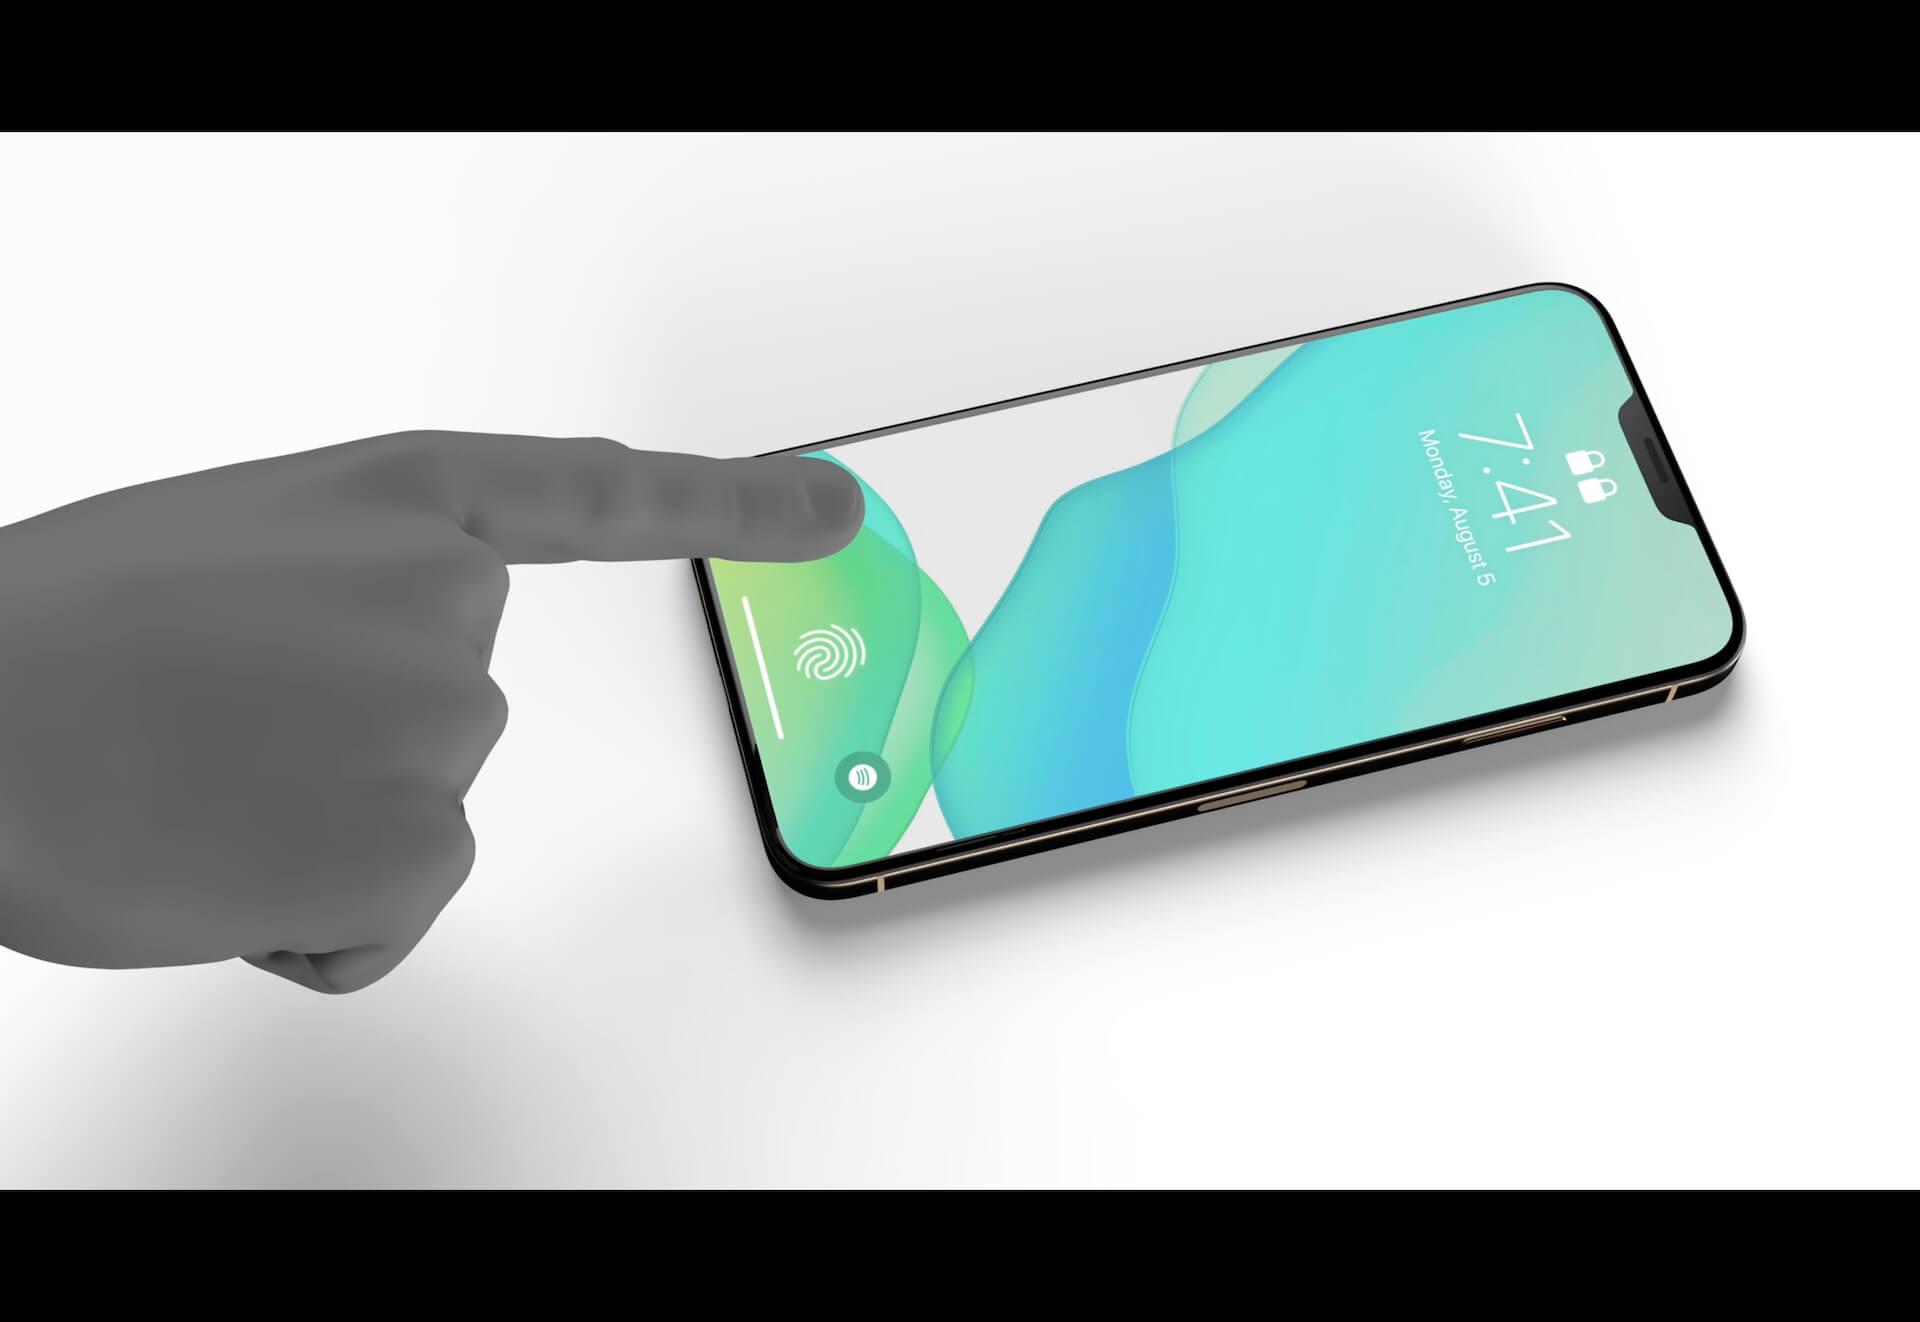 2022年登場のiPhone 14シリーズは6.1&6.7インチモデルの2サイズのみ?スクリーン上のTouch IDも採用か tech210624_iphone14_main